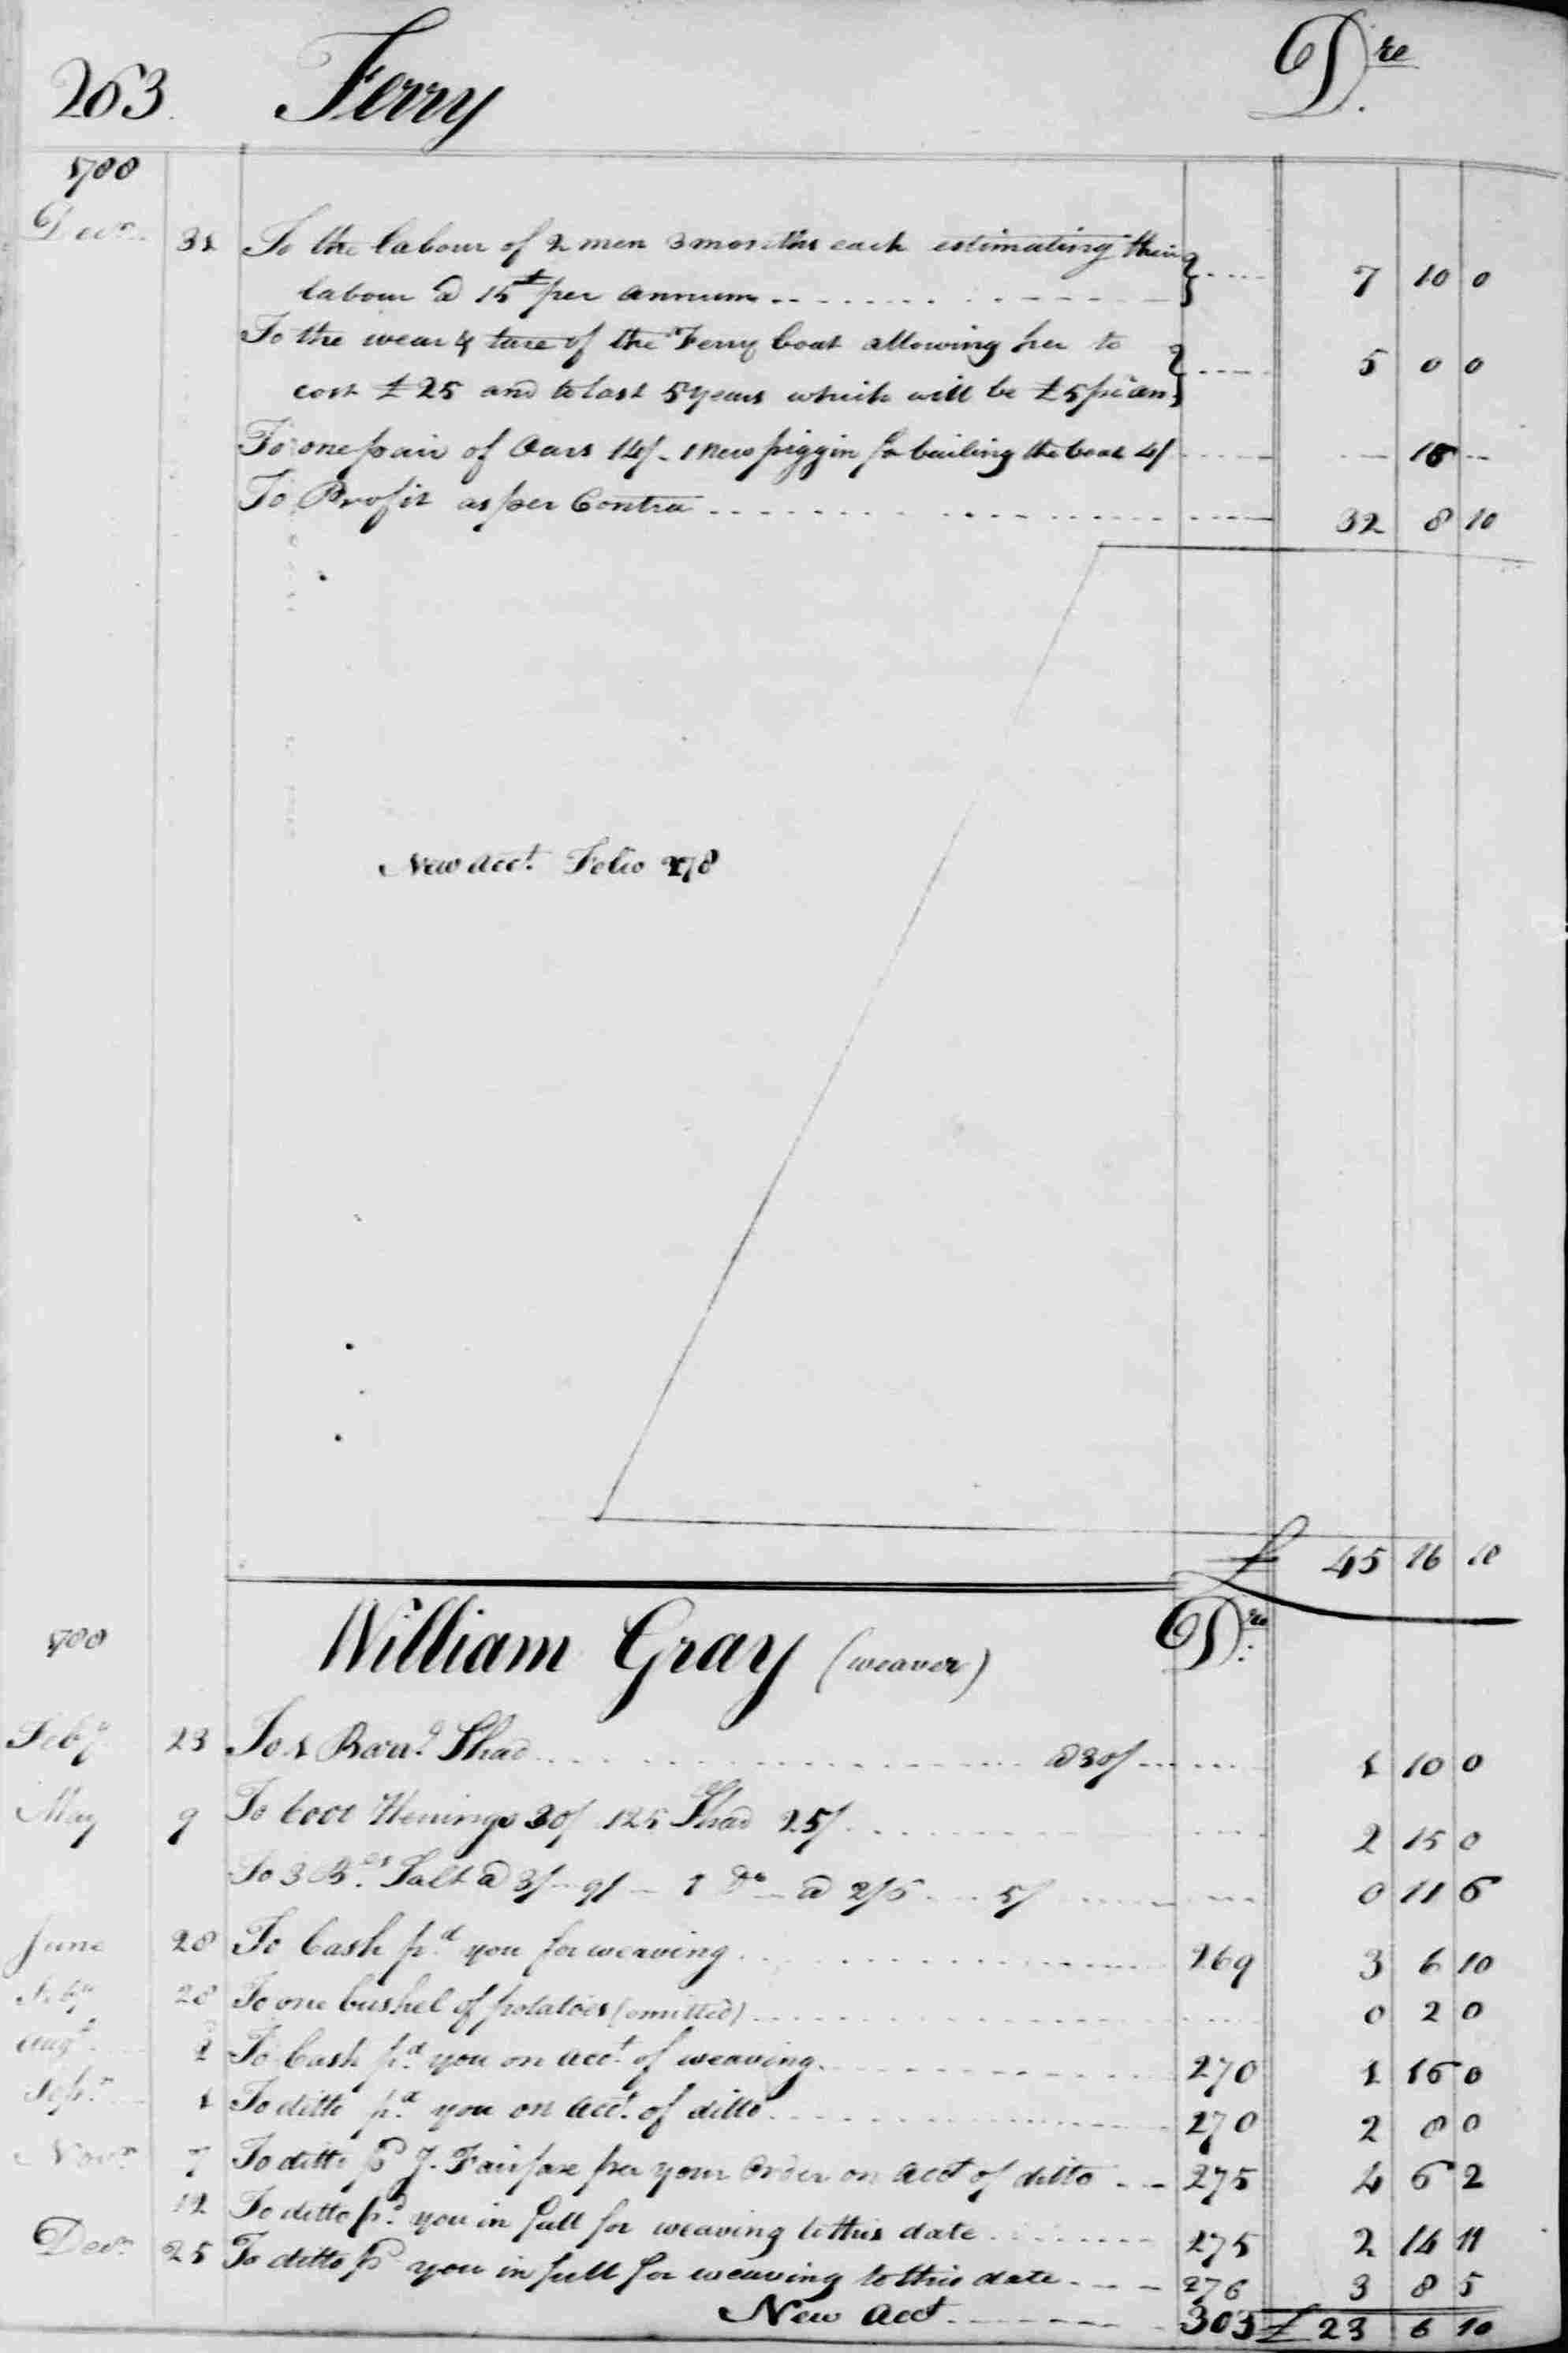 Ledger B, folio 263, left side